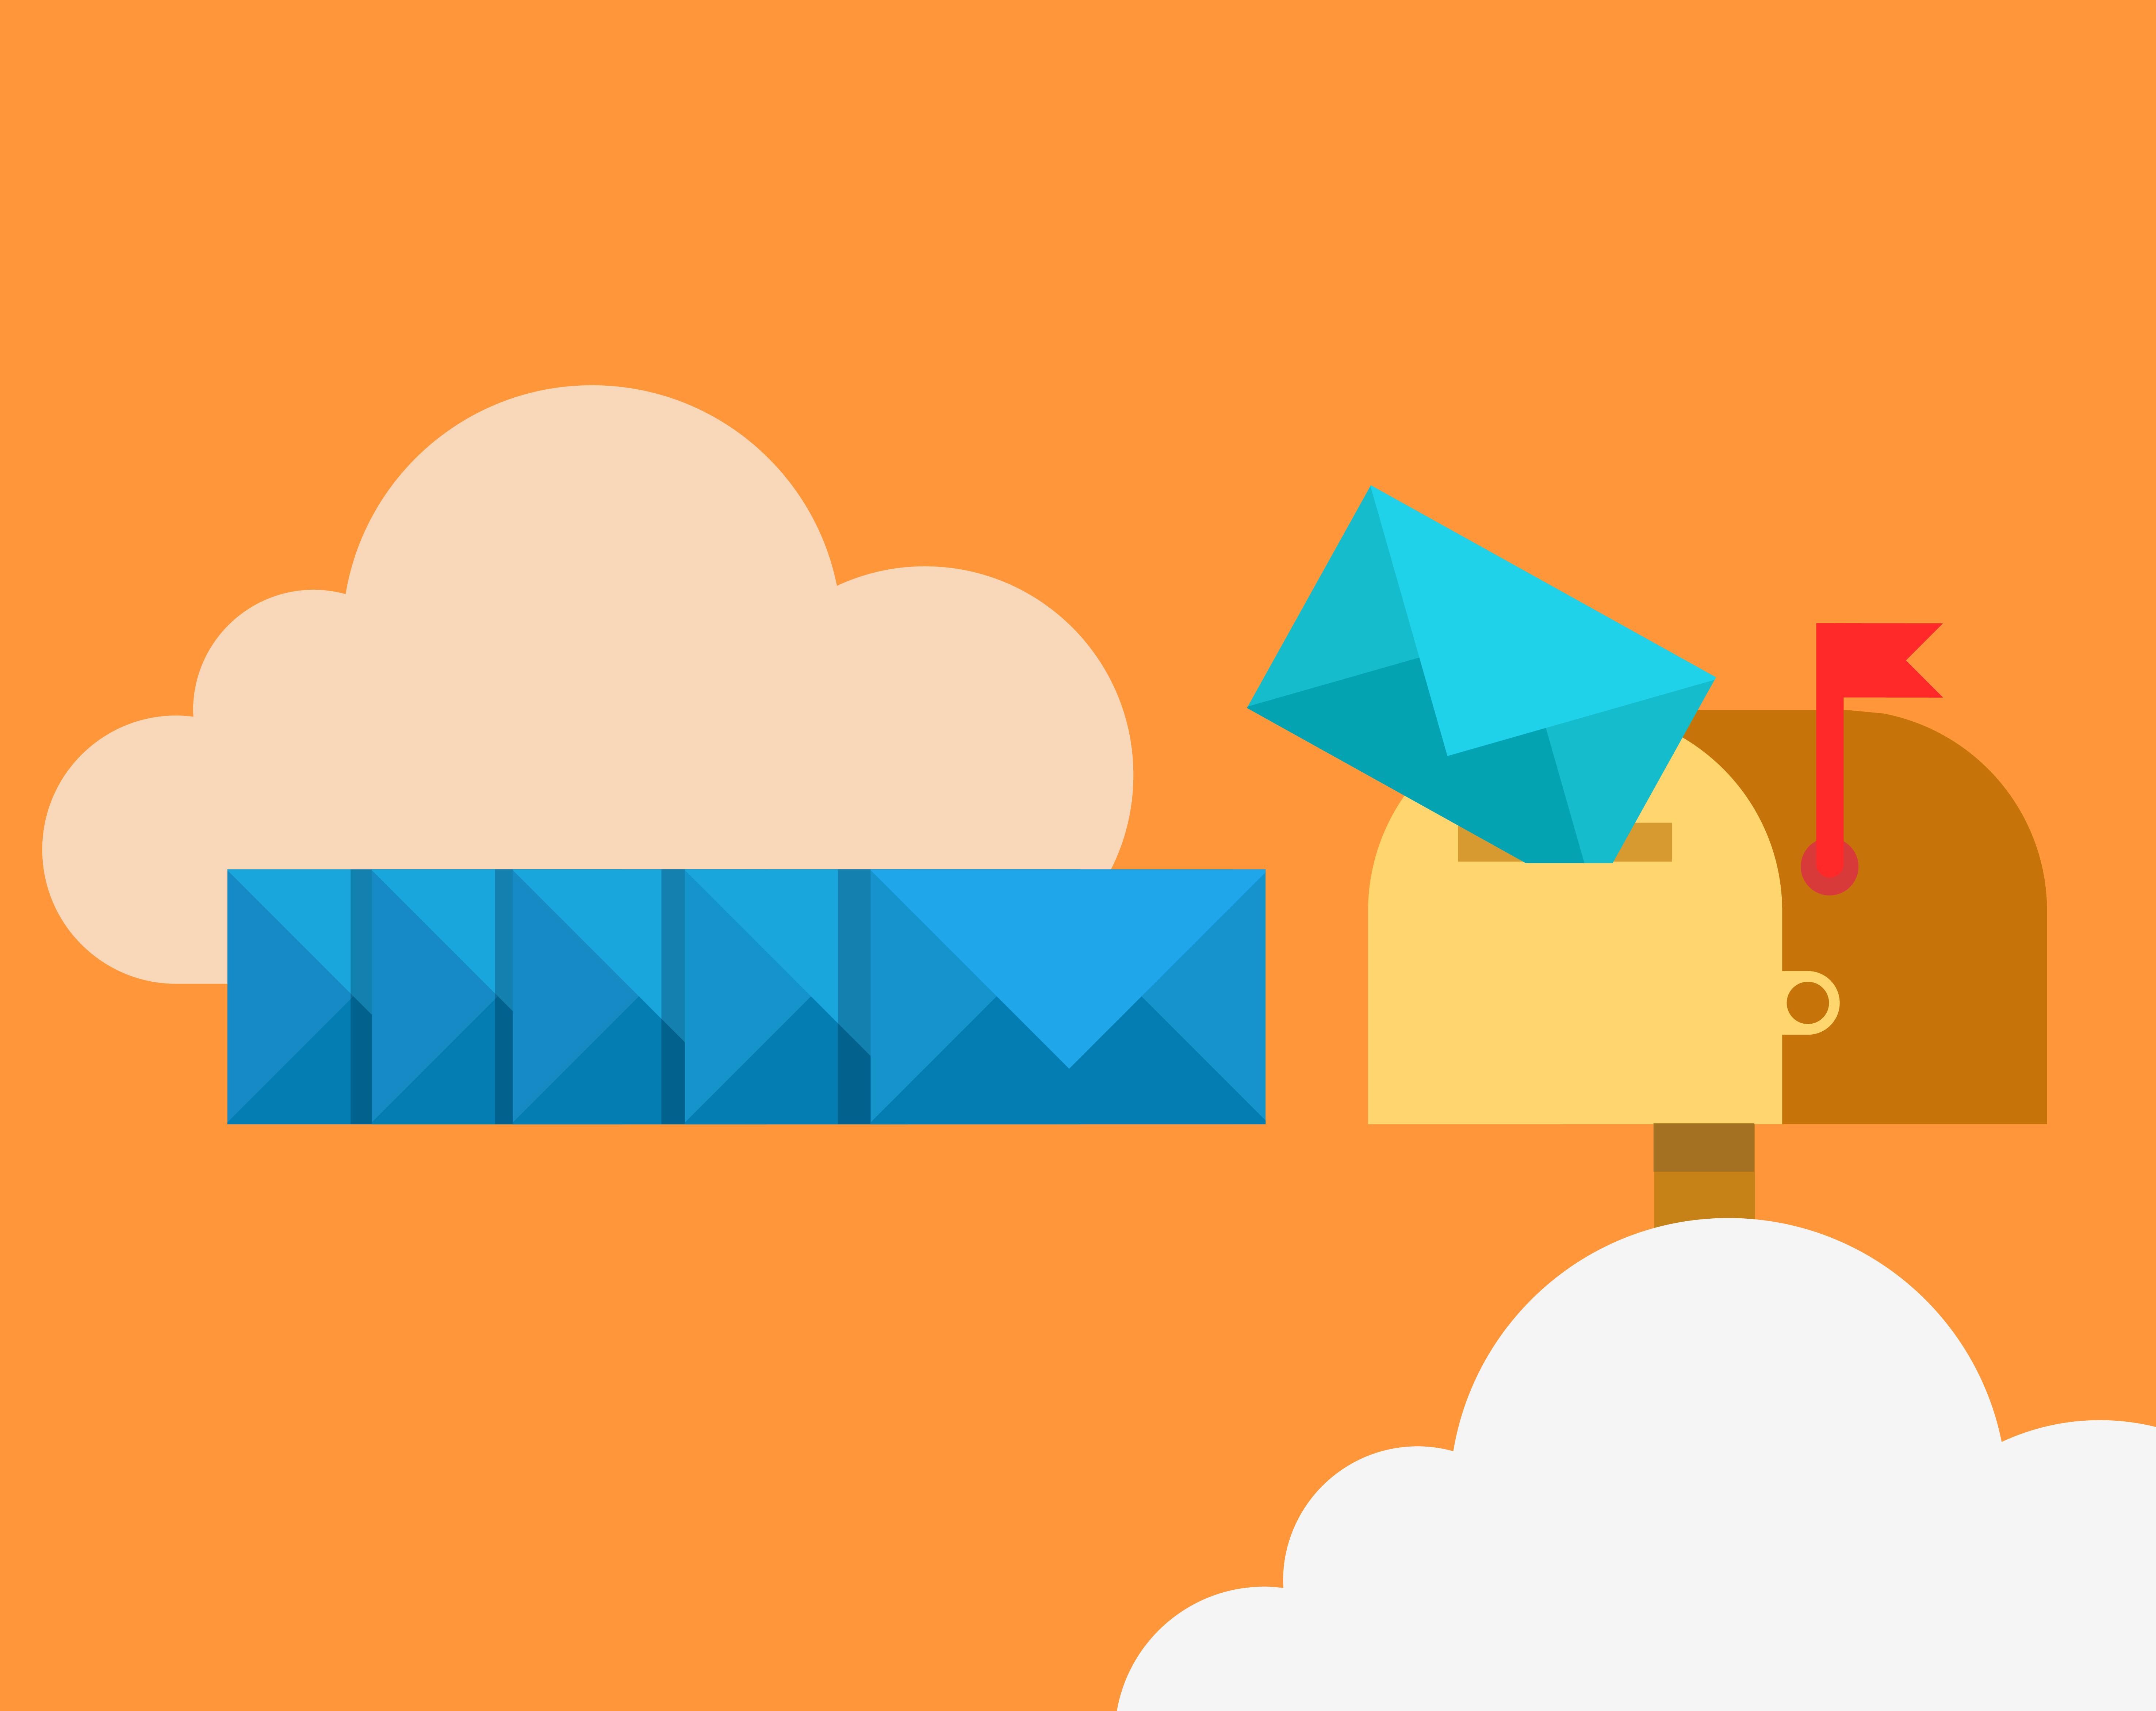 100 bons conseils pour écrire un mailing (Part. 2) 21